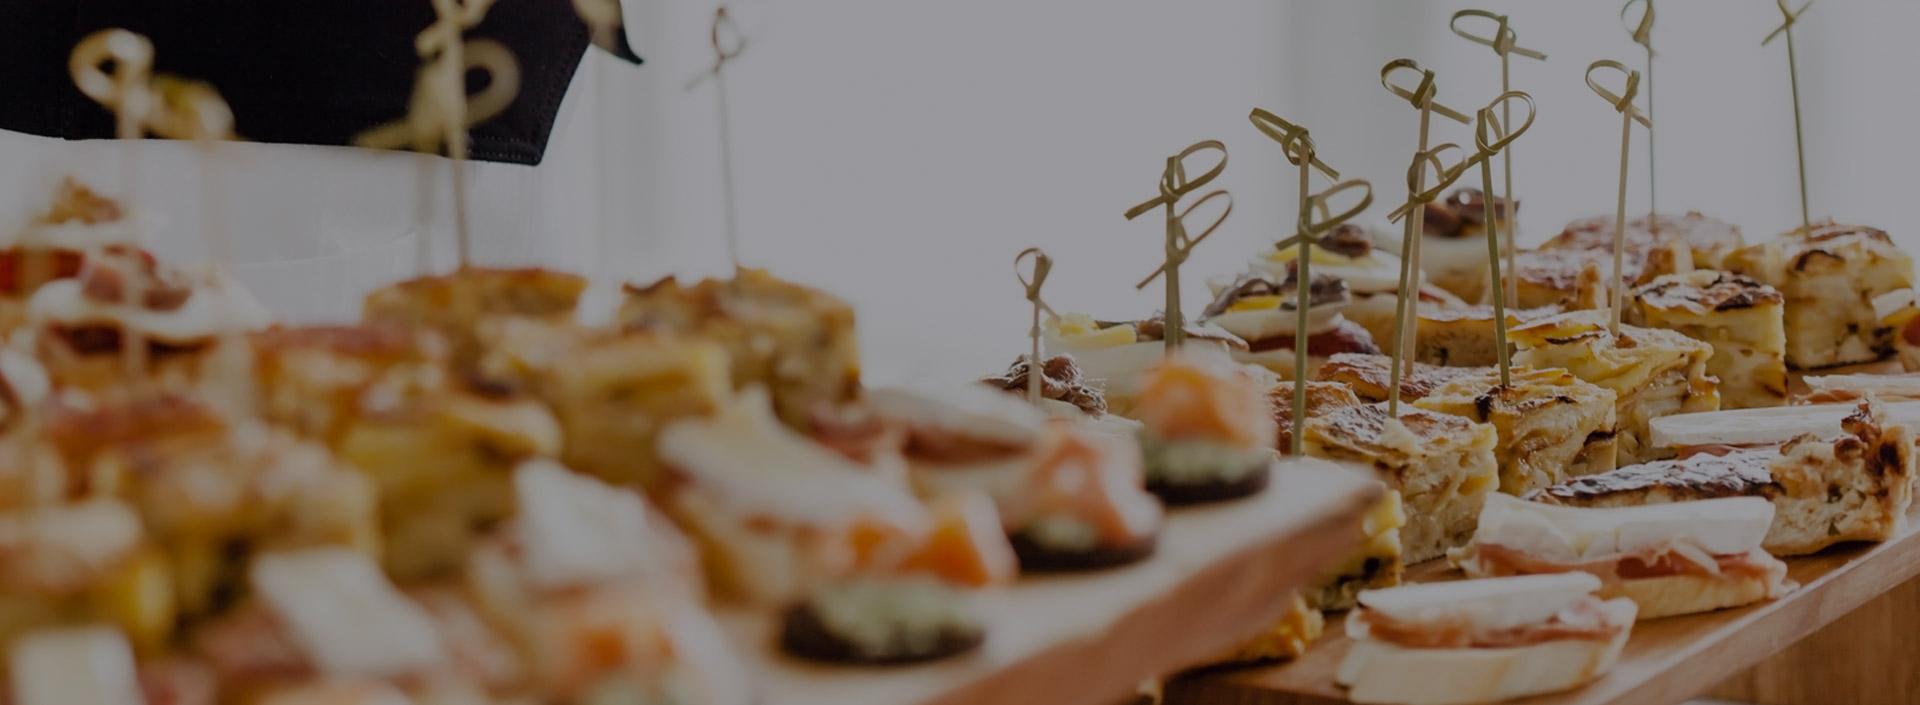 patisserie, boulangerie, Berre-l'Étang, Marseille, patisserie, plan de campagne, rognac, traiteur, velaux, vitrolles